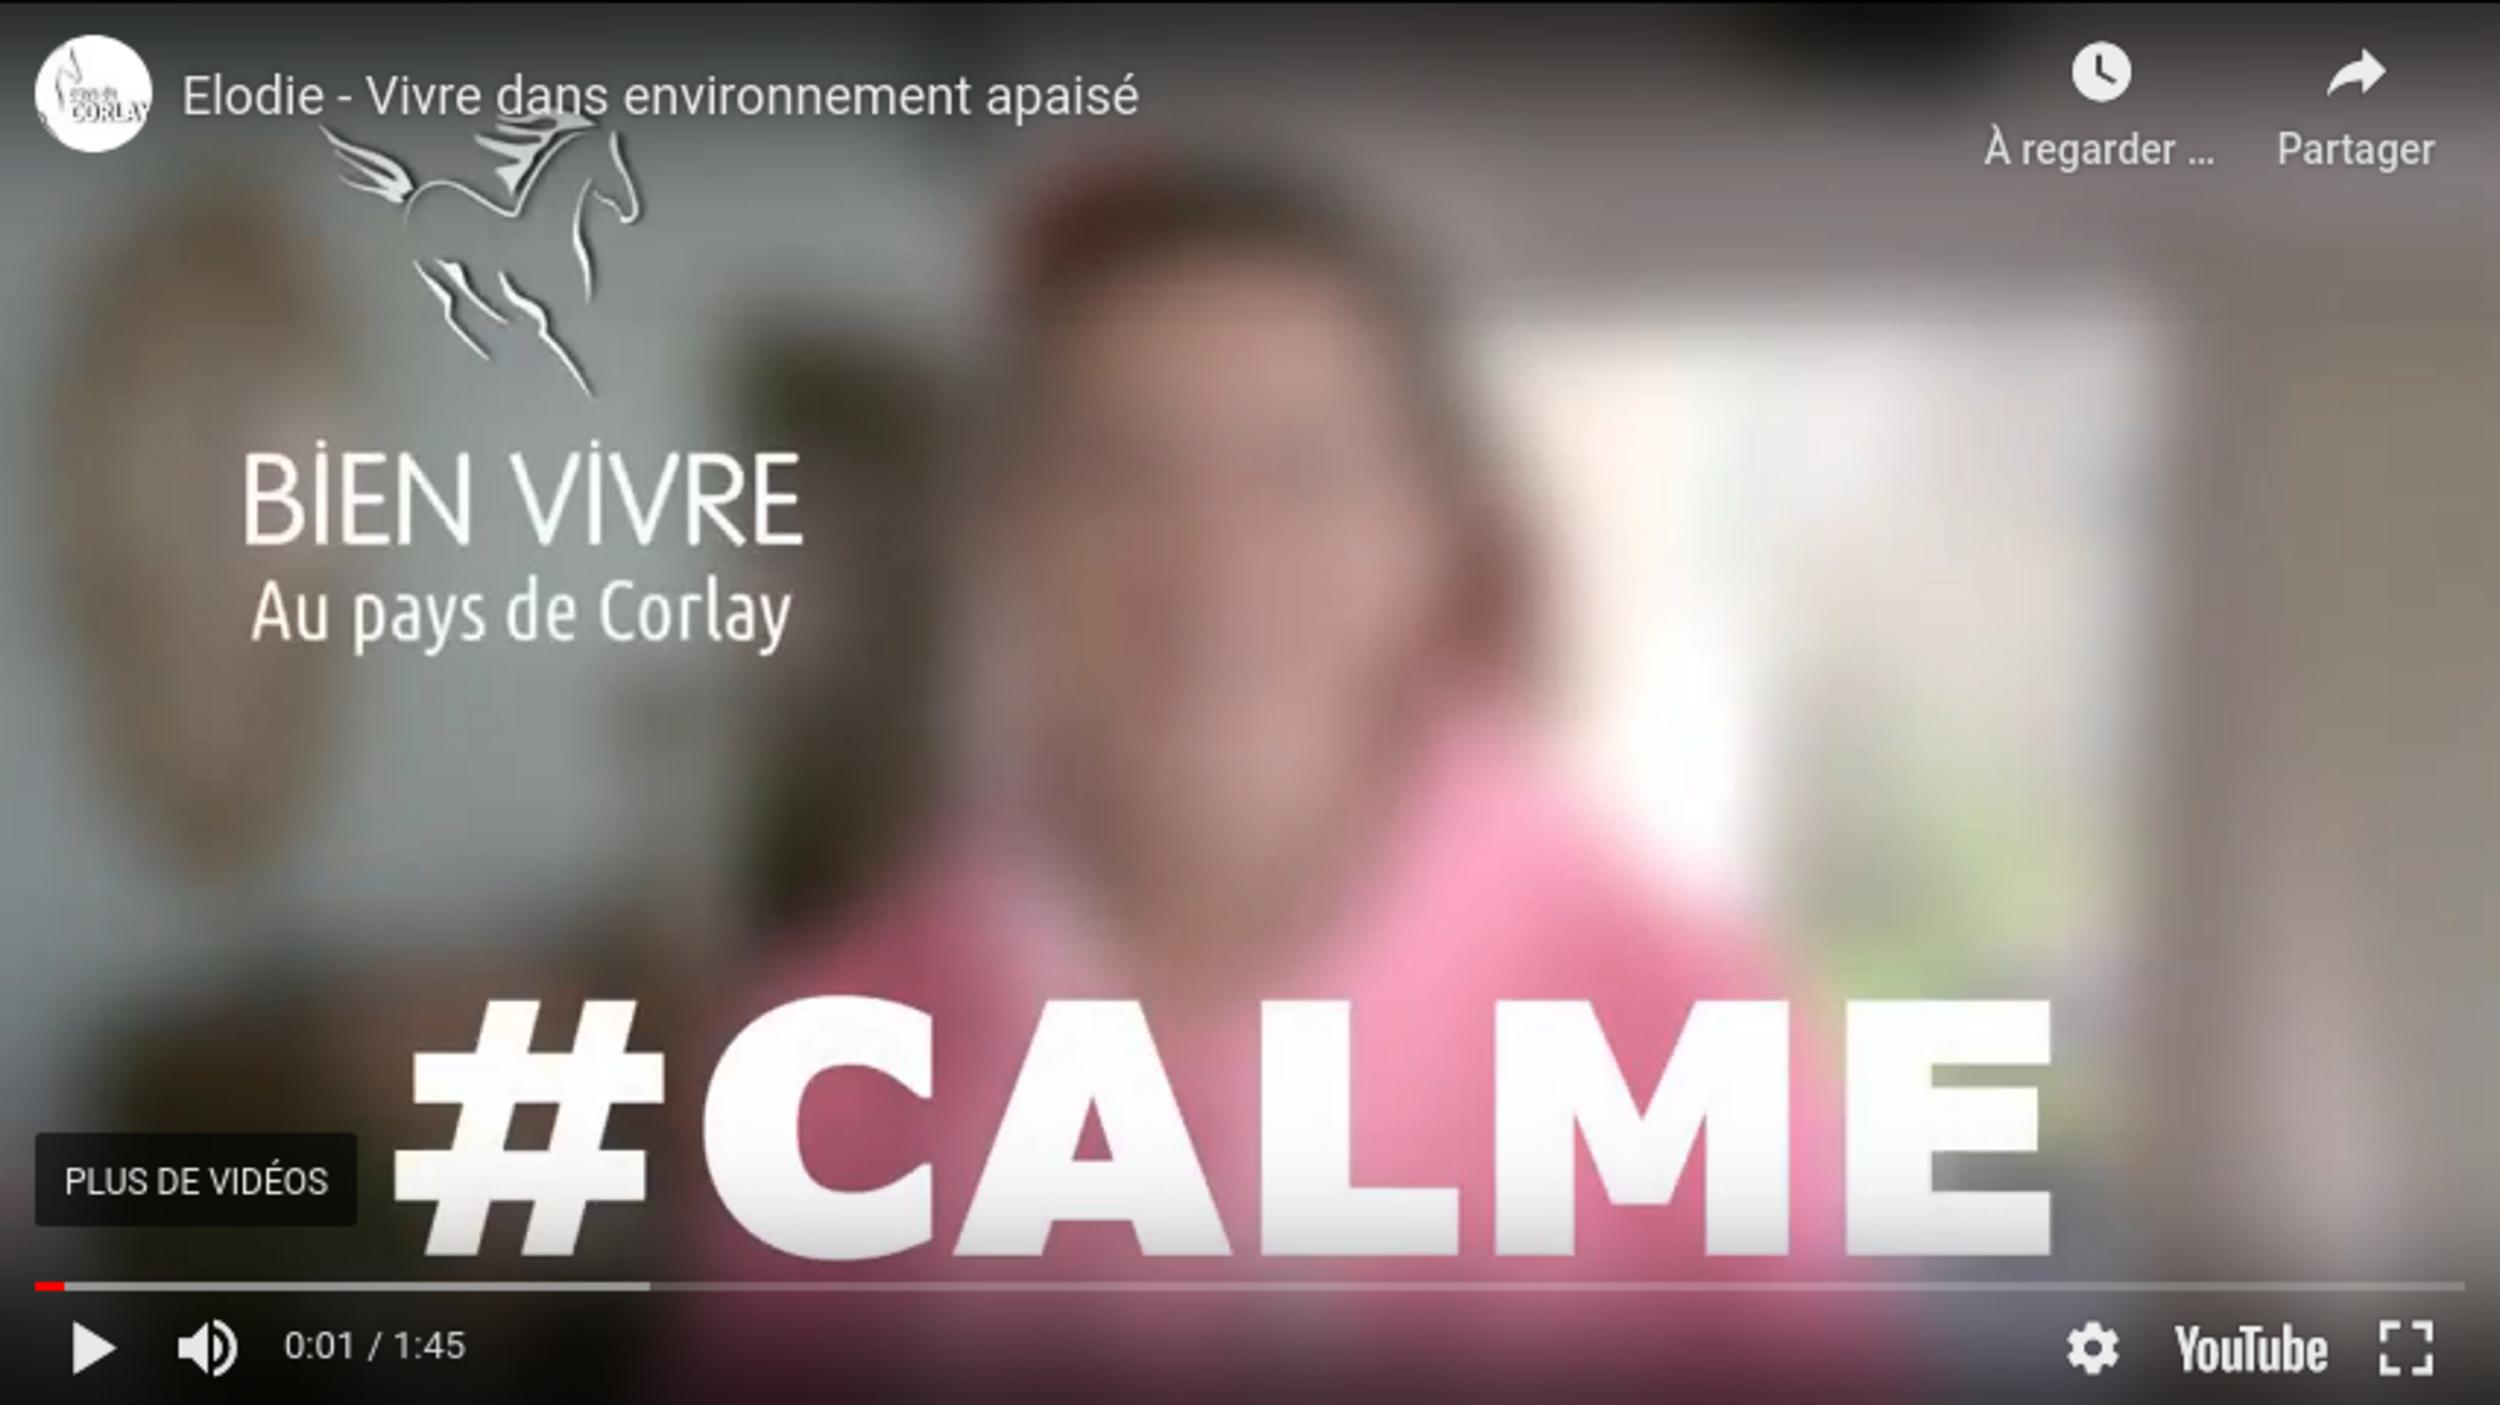 En vidéo : Elodie, vivre dans un environnement apaisé